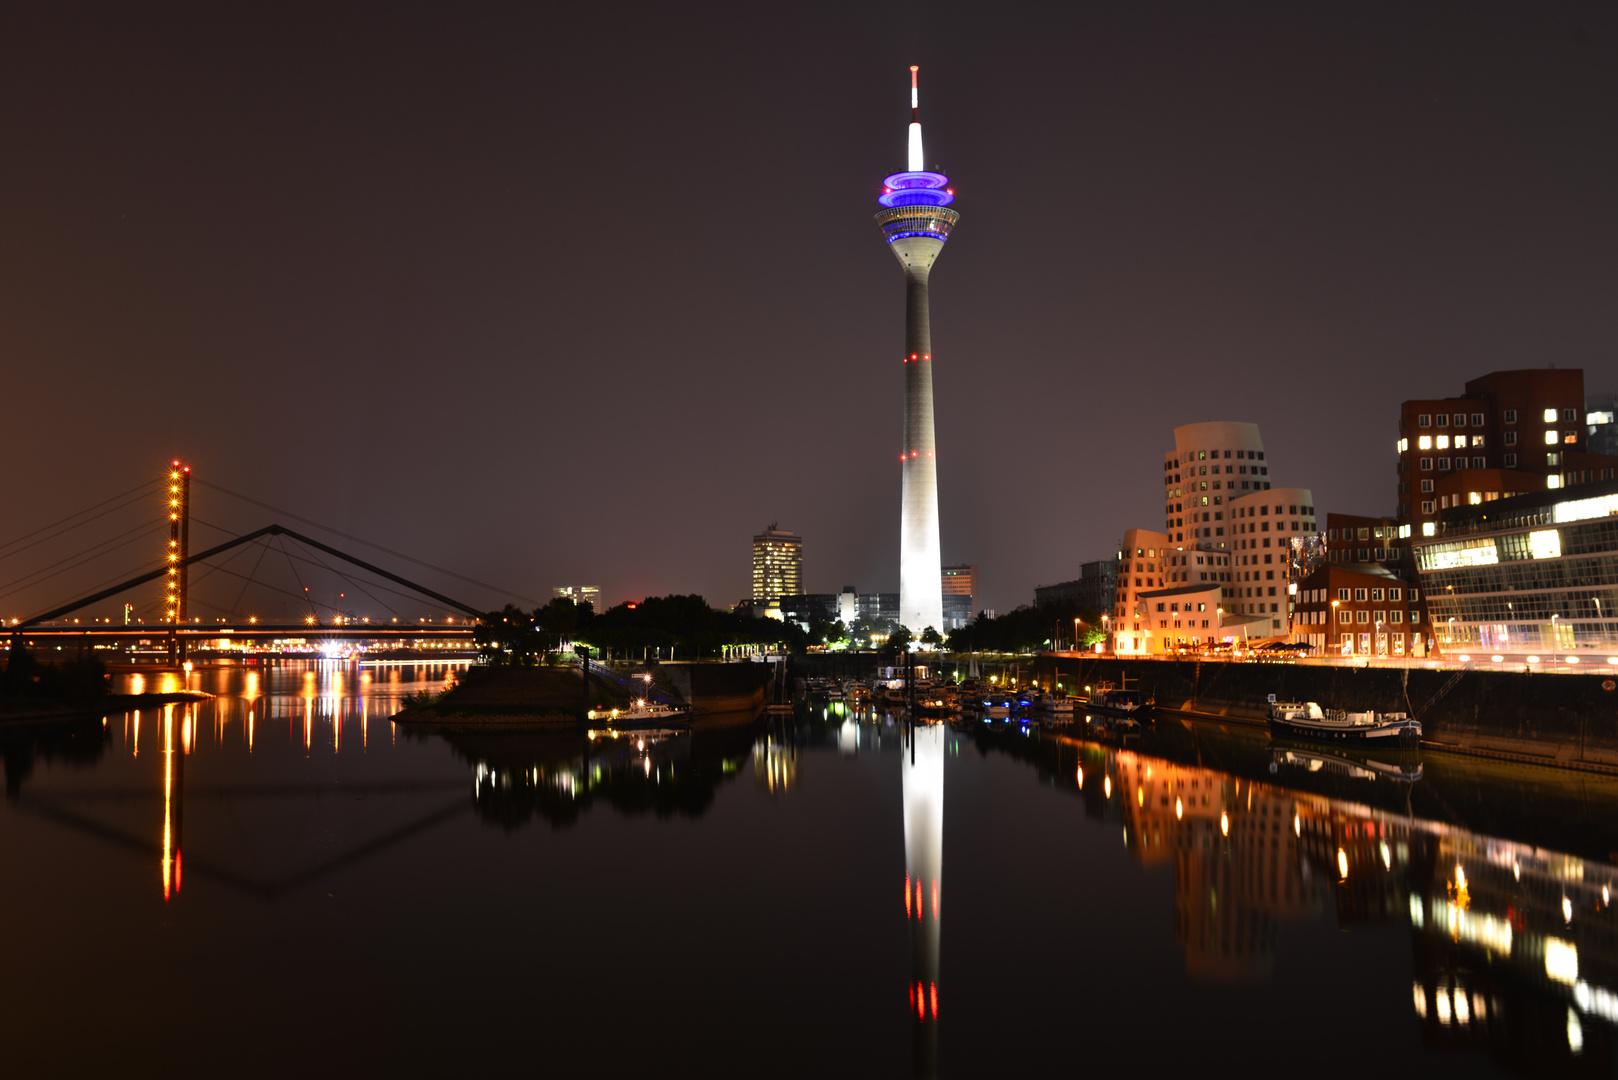 ...nachts im Hafen